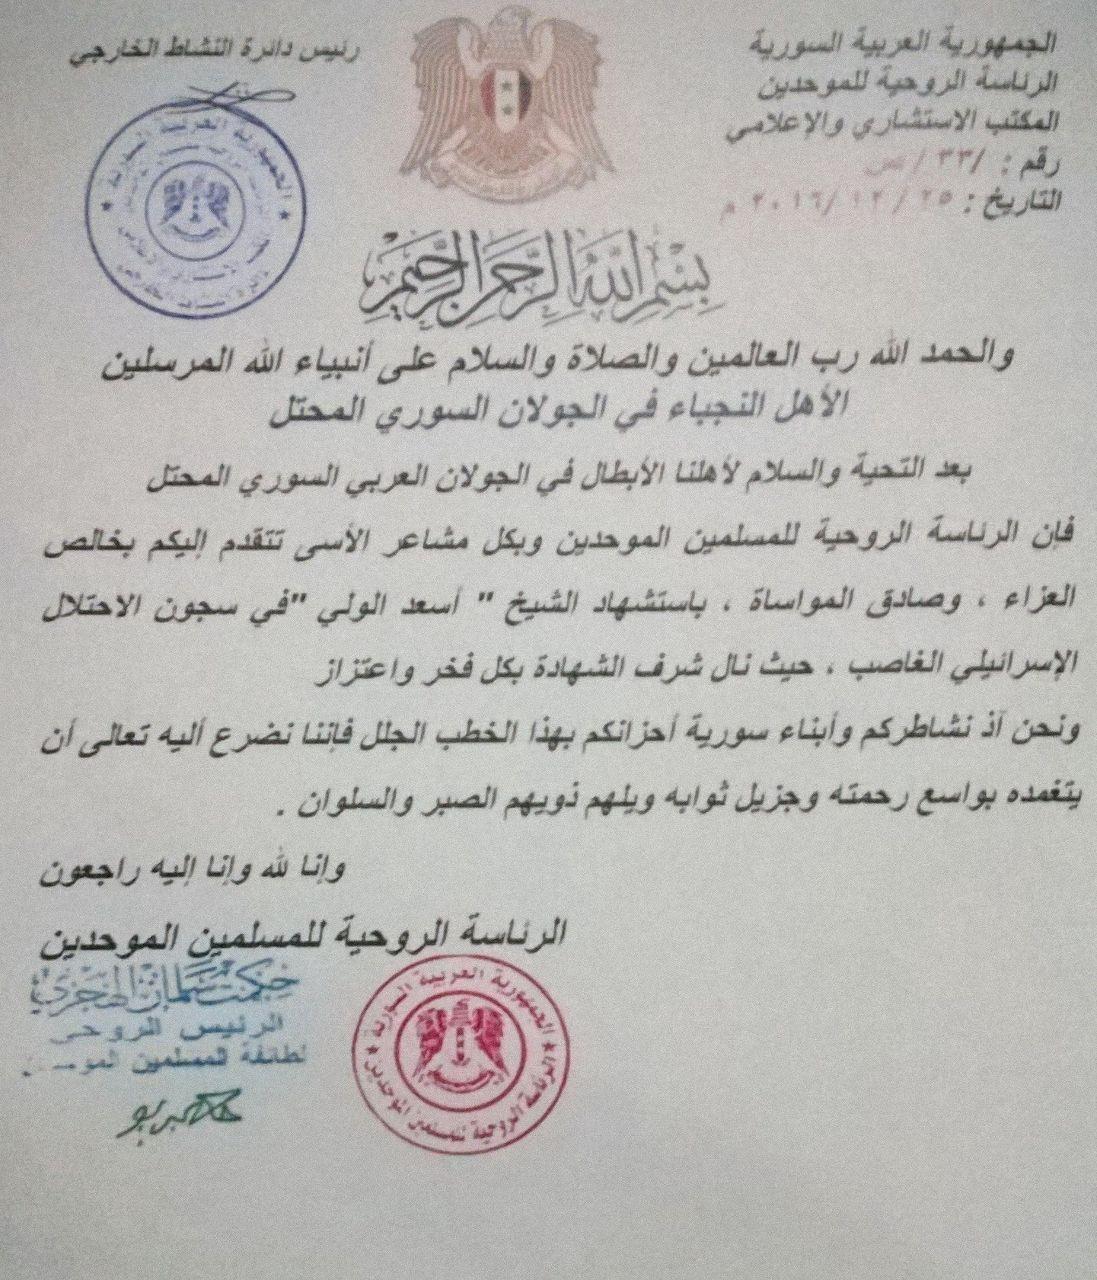 Photo of برقية تعزية من سماحة الشيخ حكمت الهجري بالشهيد اسعد الولي